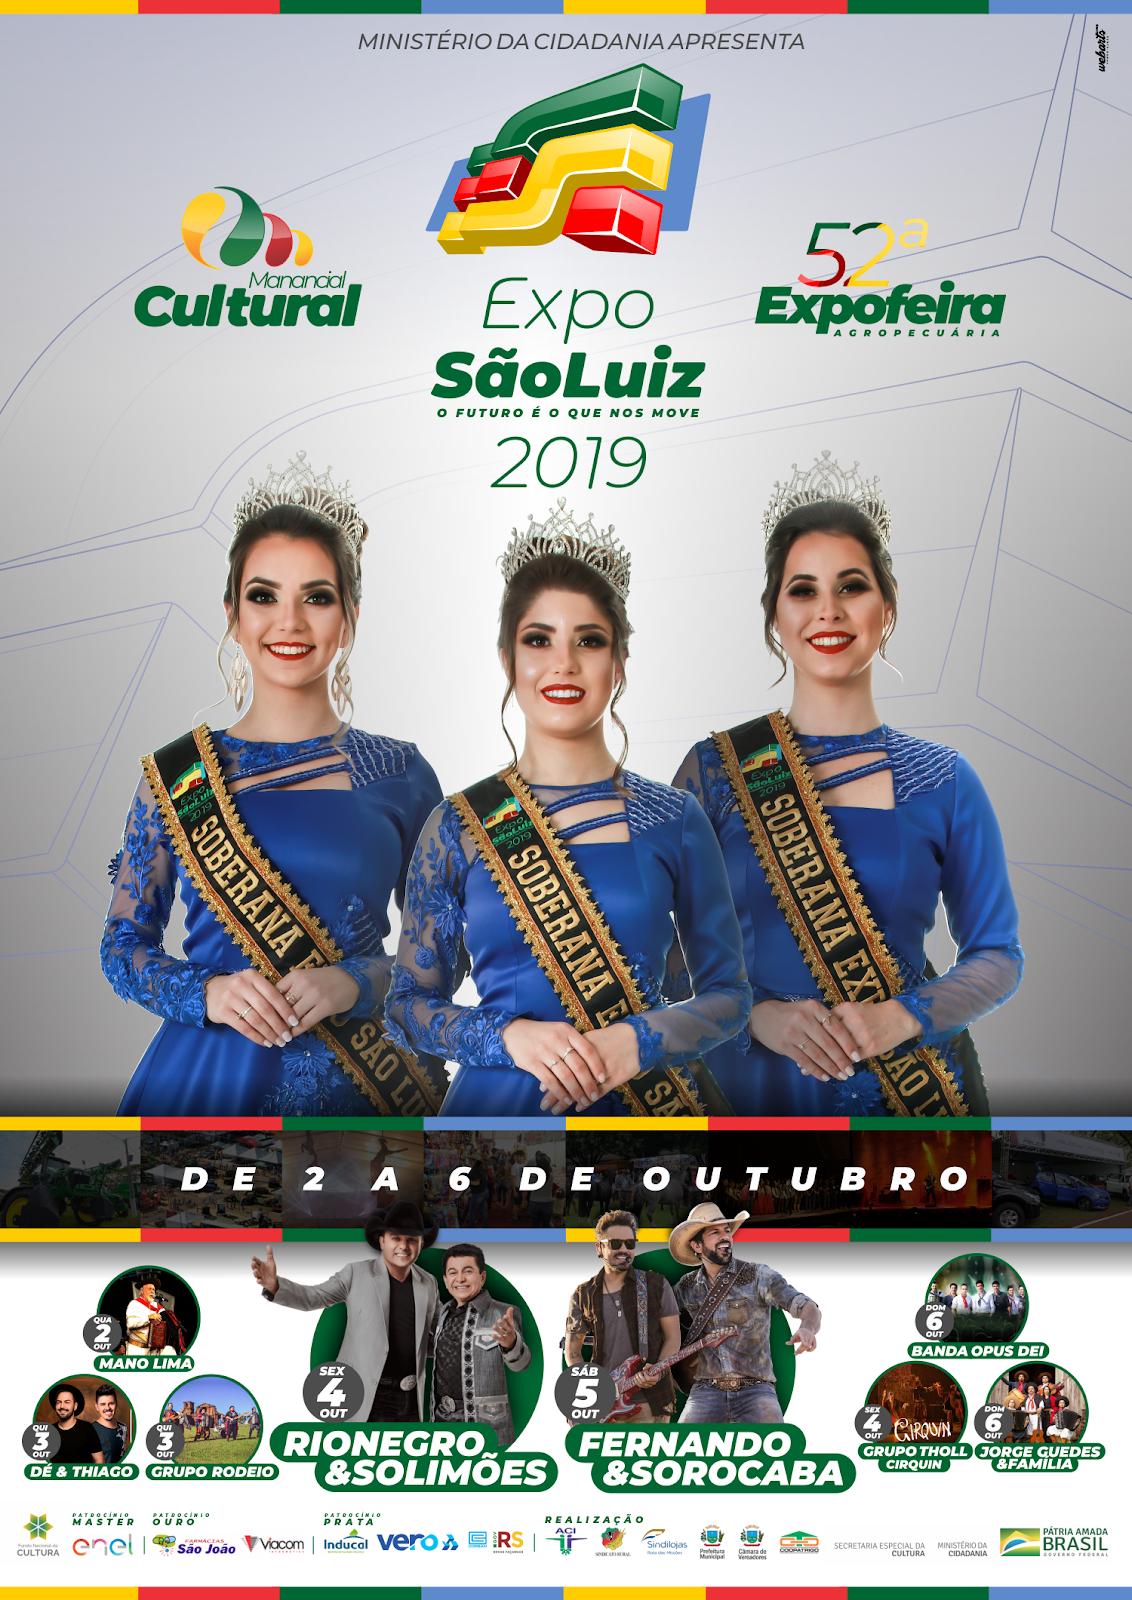 Expo São Luiz 2019